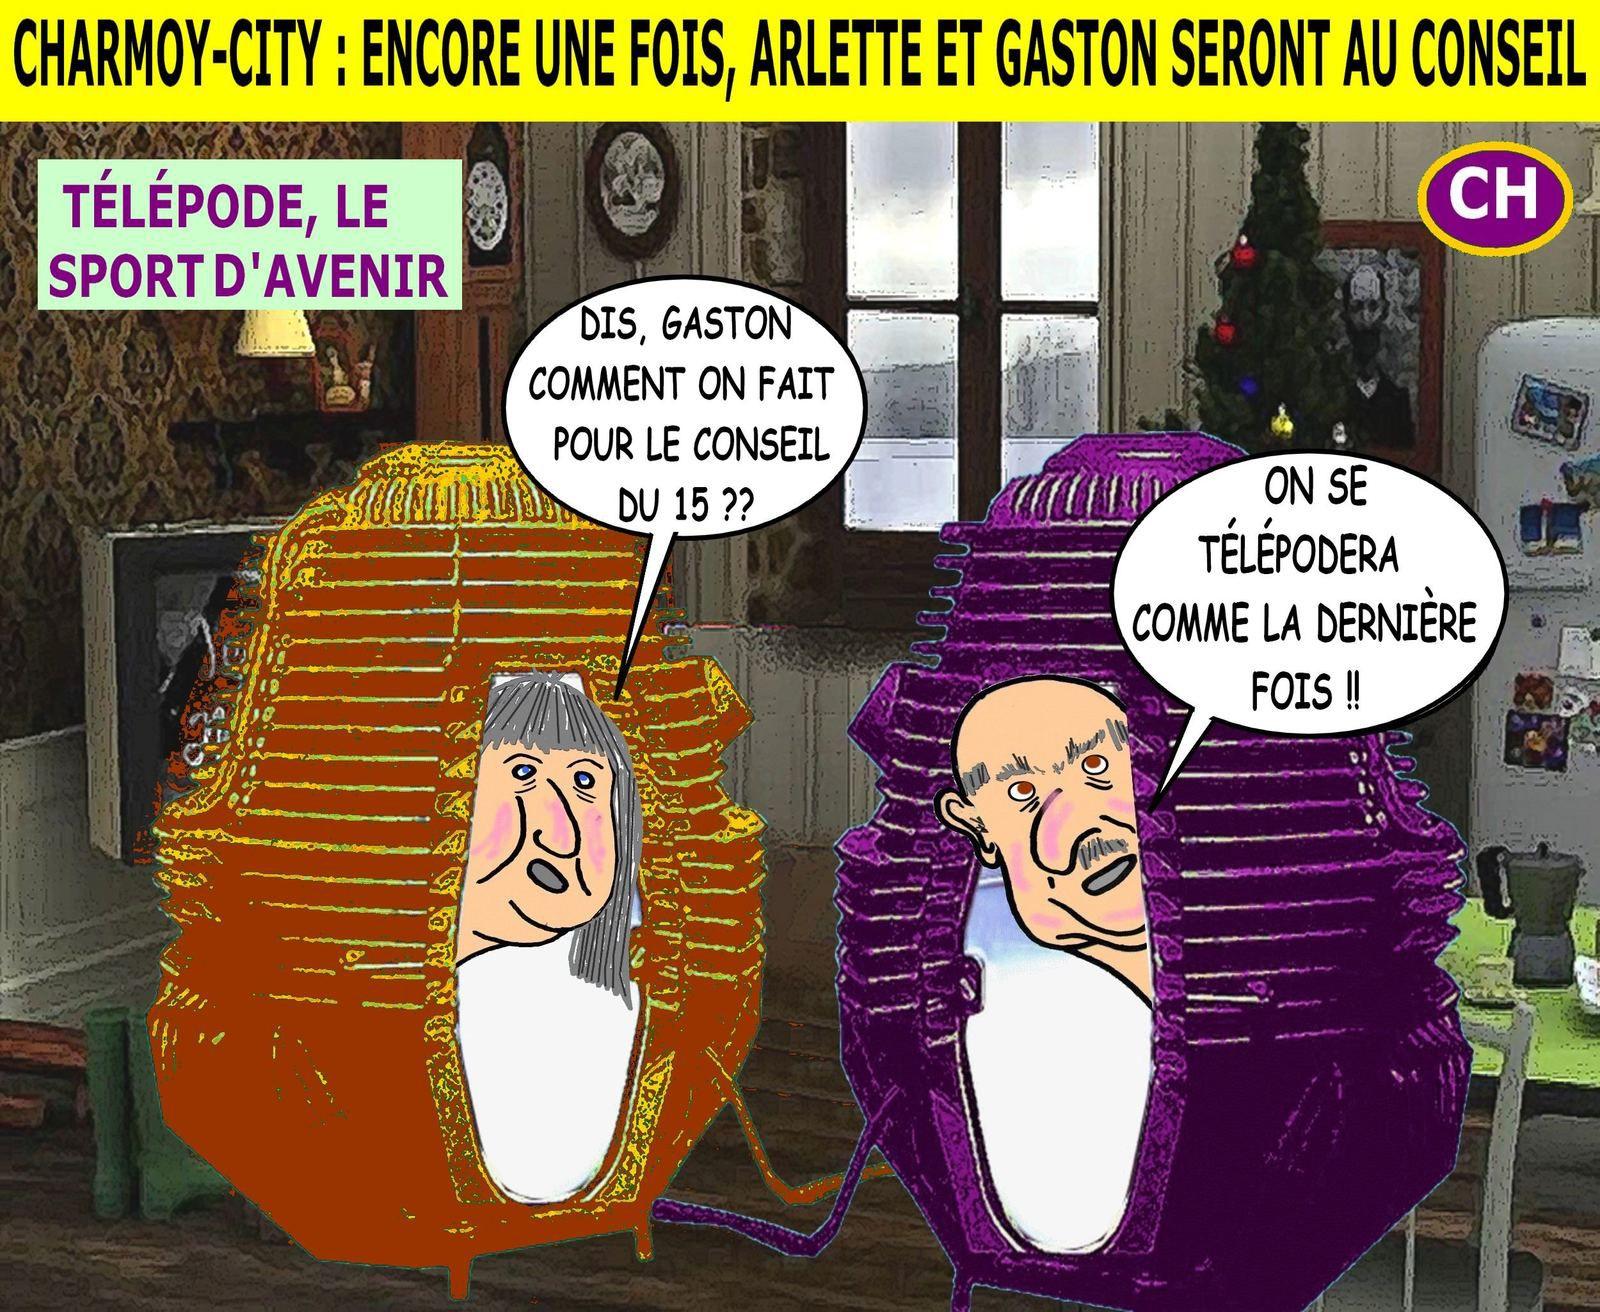 Charmoy-City, Arlette et Gaston seront encore au conseil .jpg